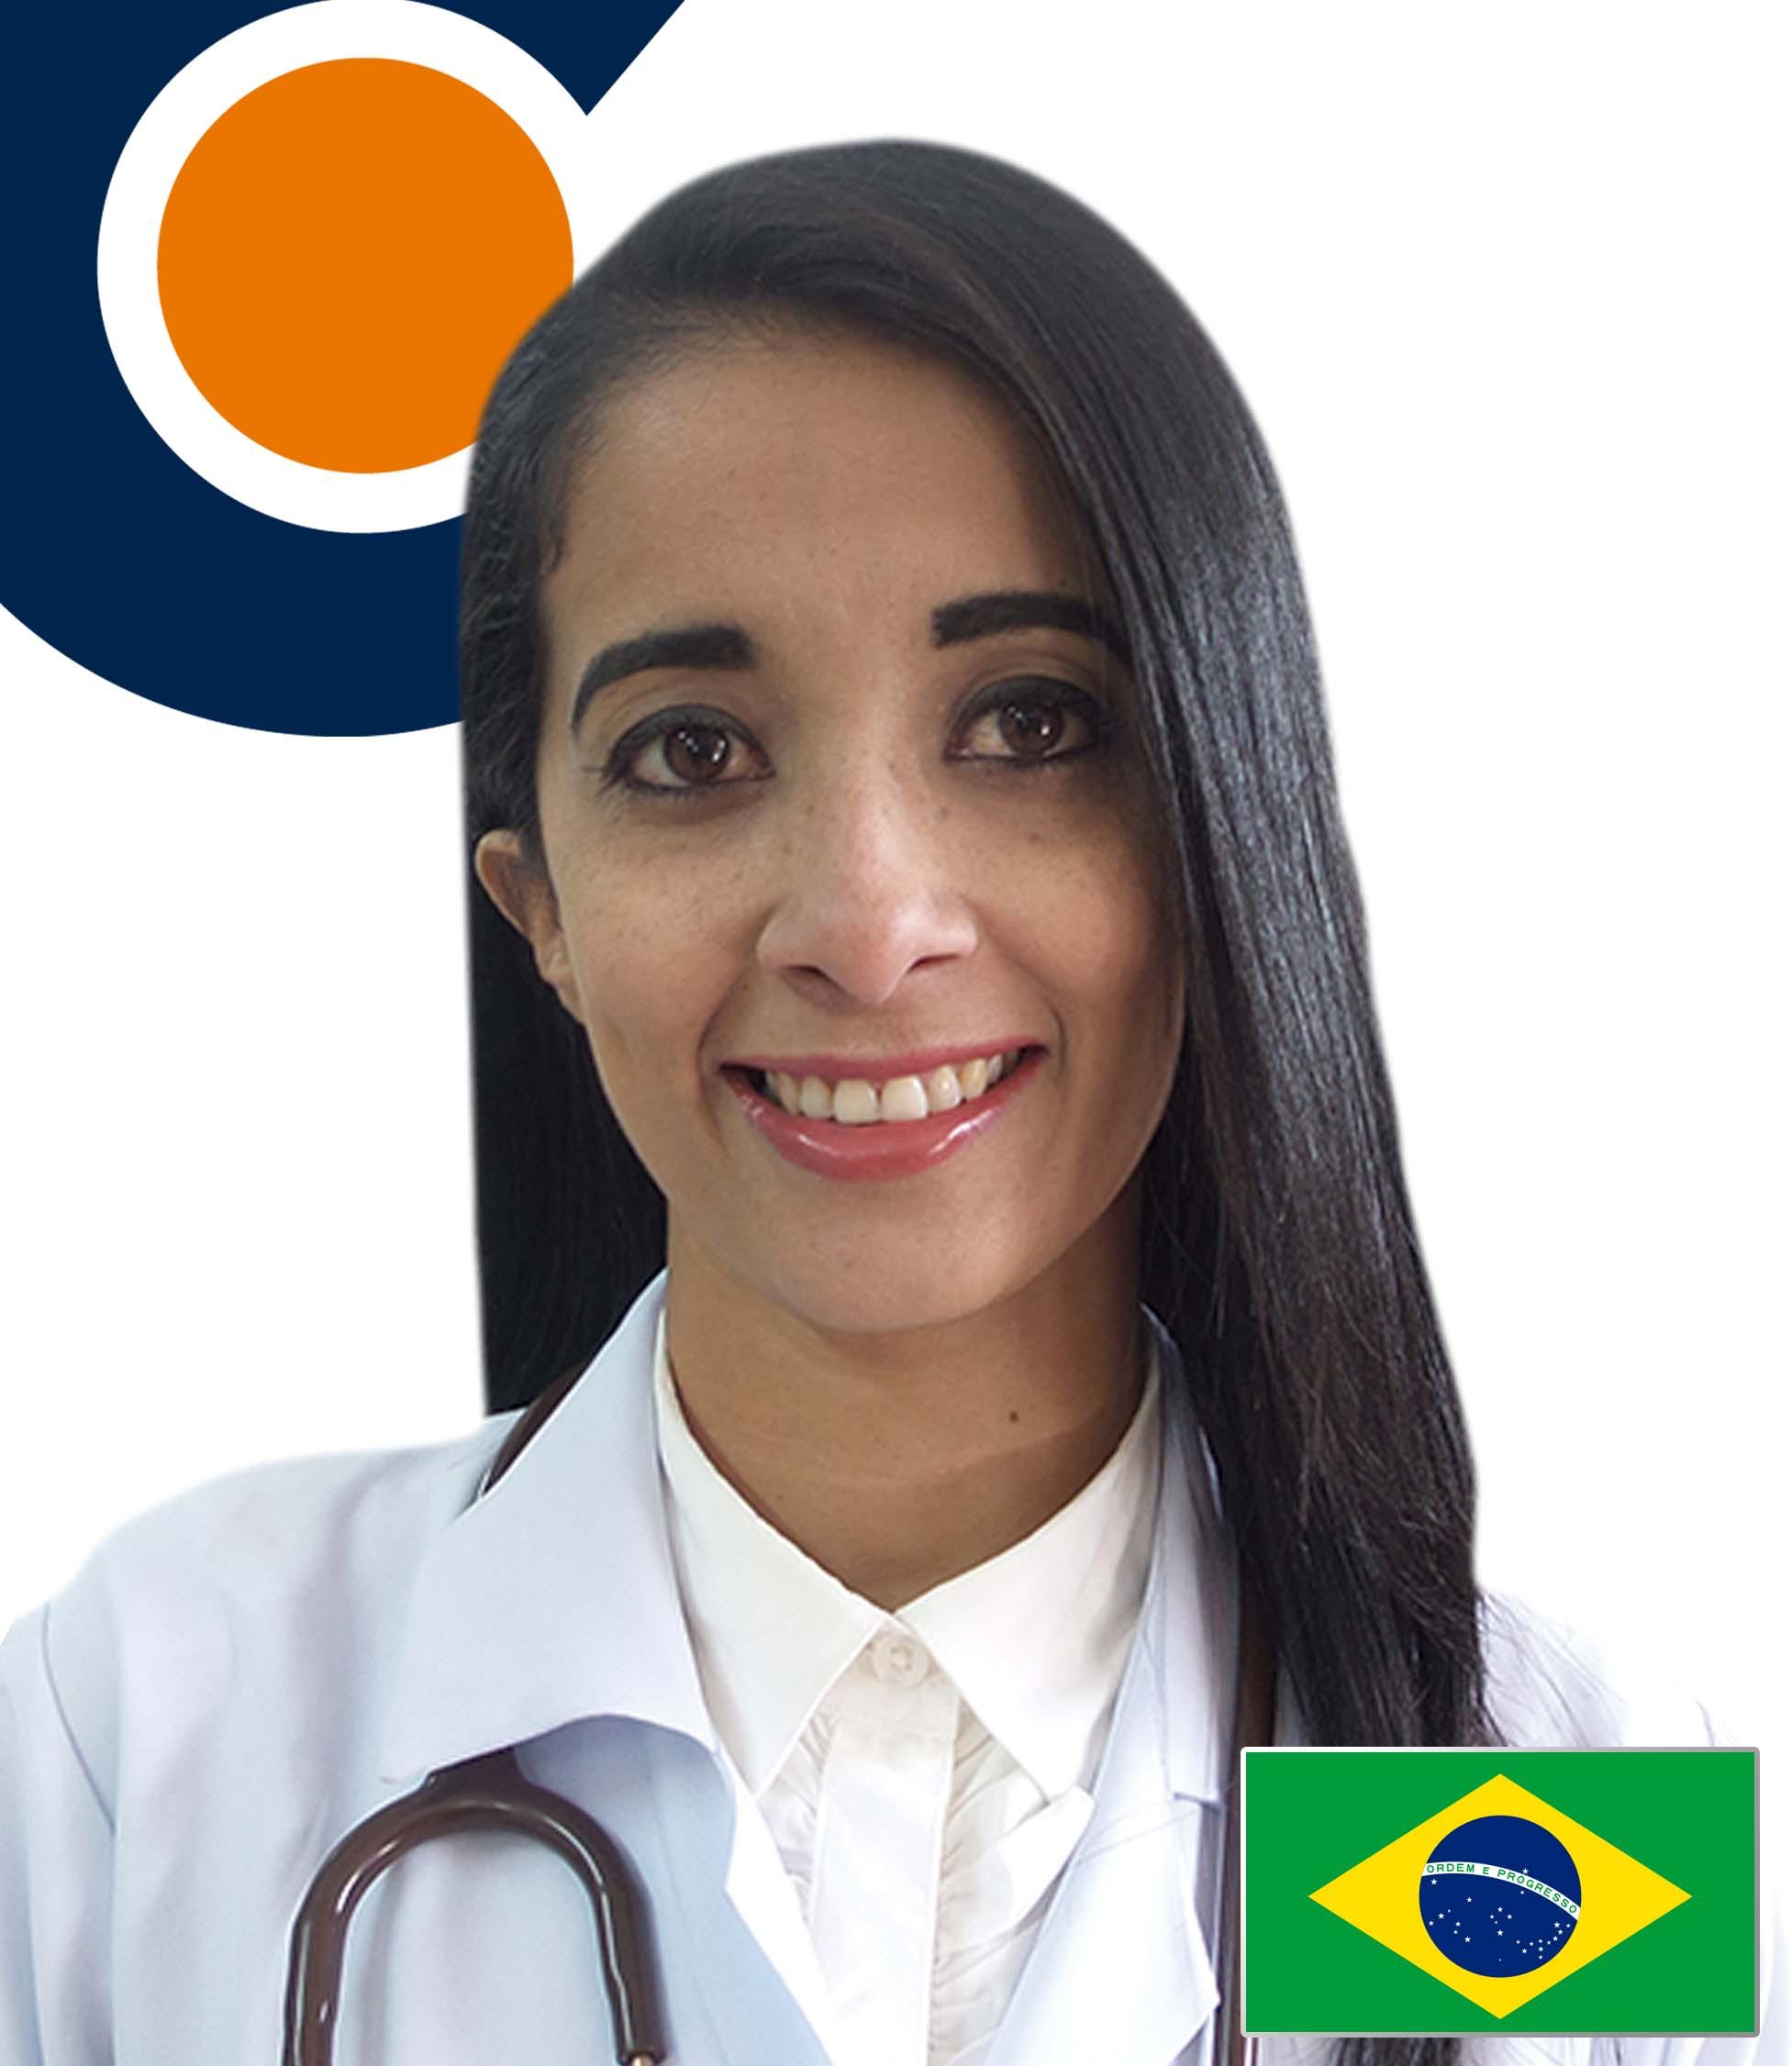 SUINNY DARLA NOGUEIRA